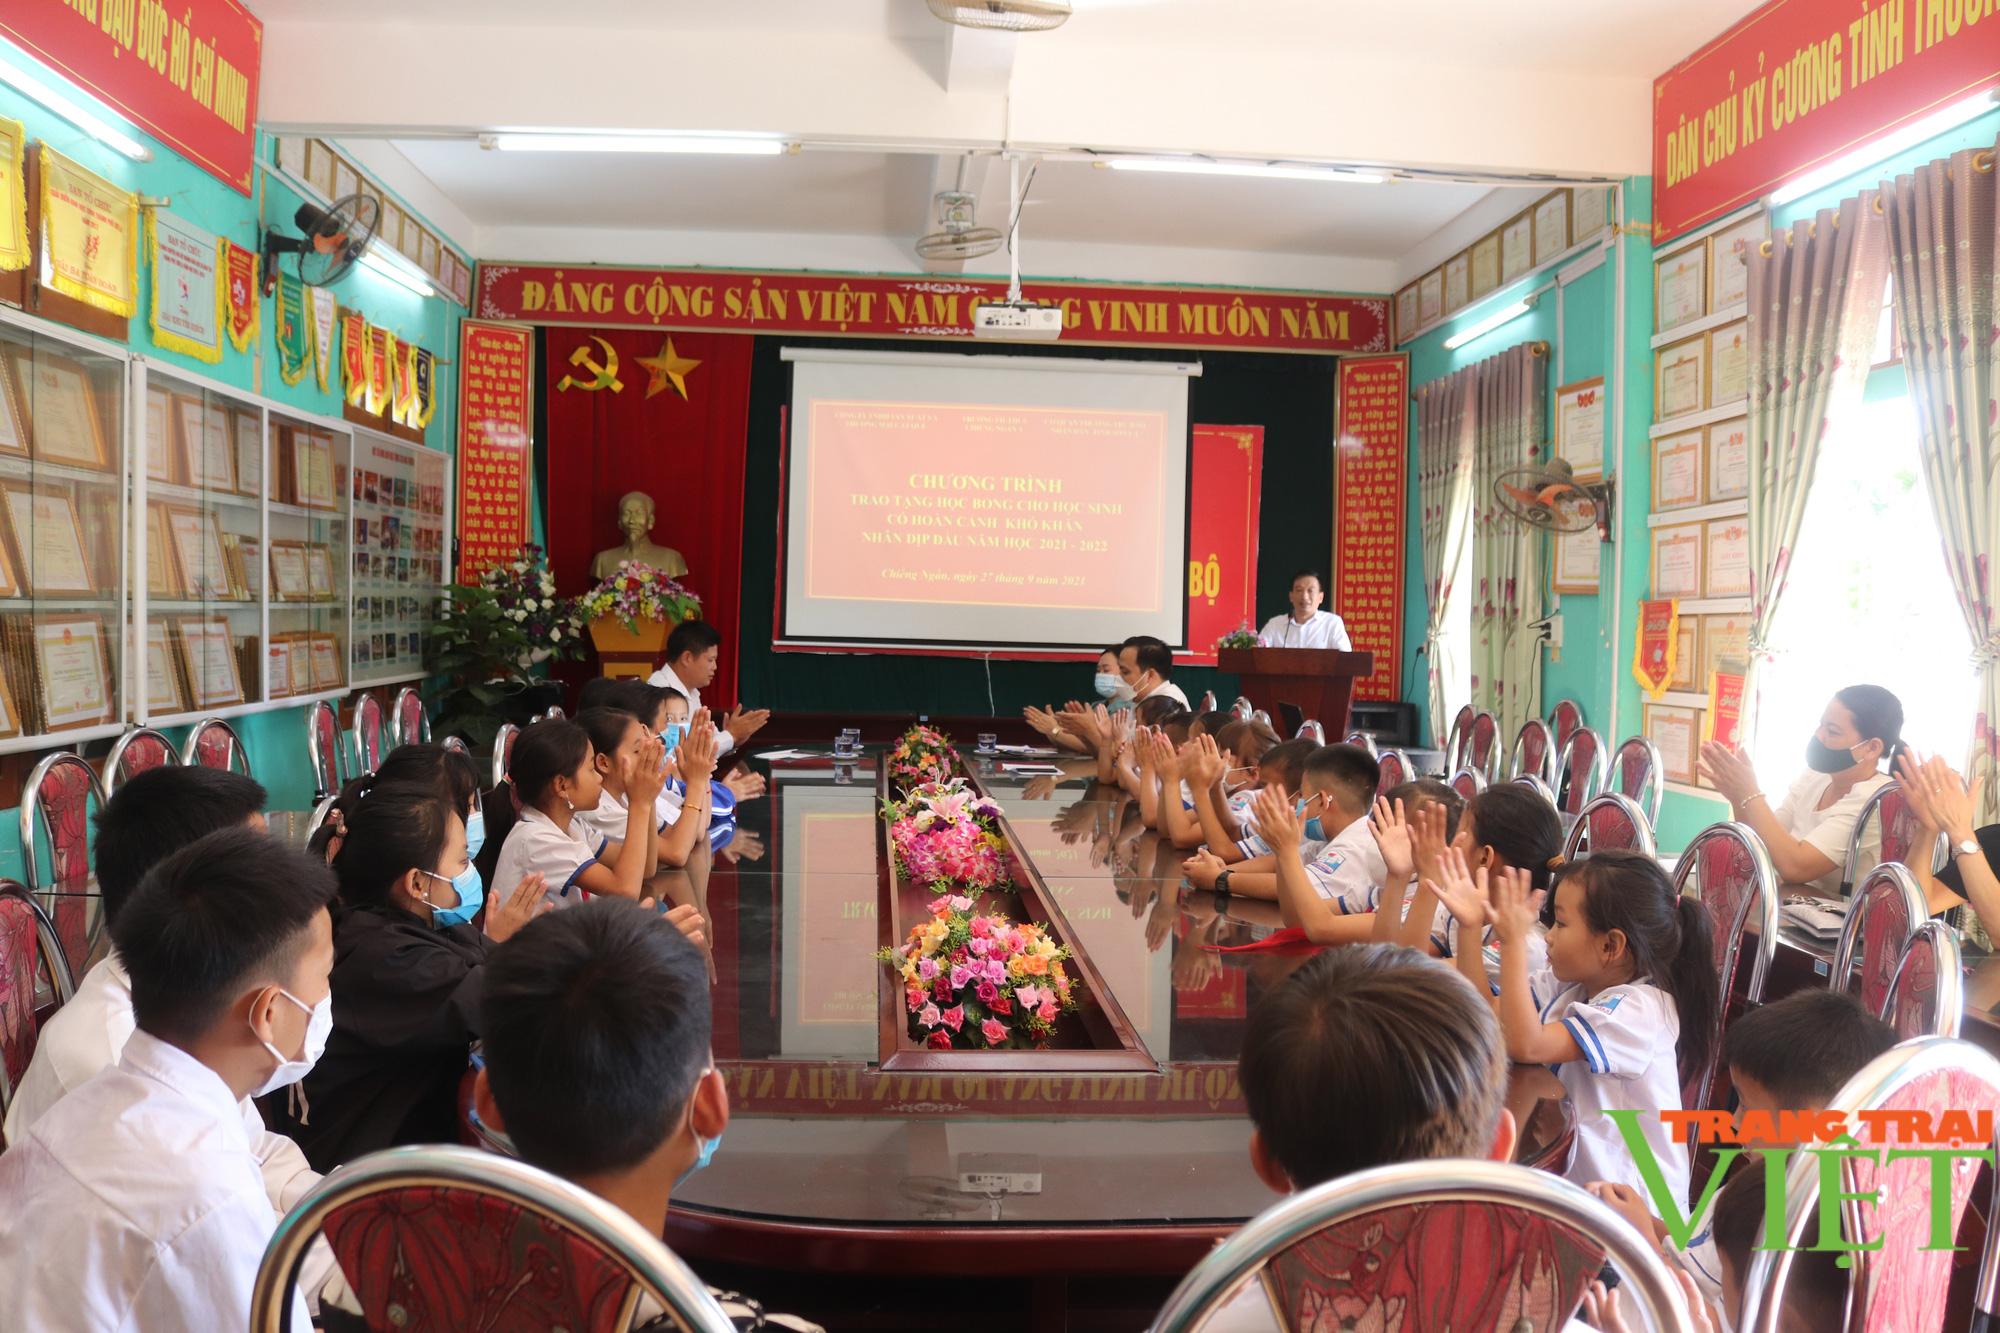 Sơn La: Trao 25 suất học bổng cho các em học sinh có hoàn cảnh khó khăn, vượt khó trong học tập - Ảnh 1.